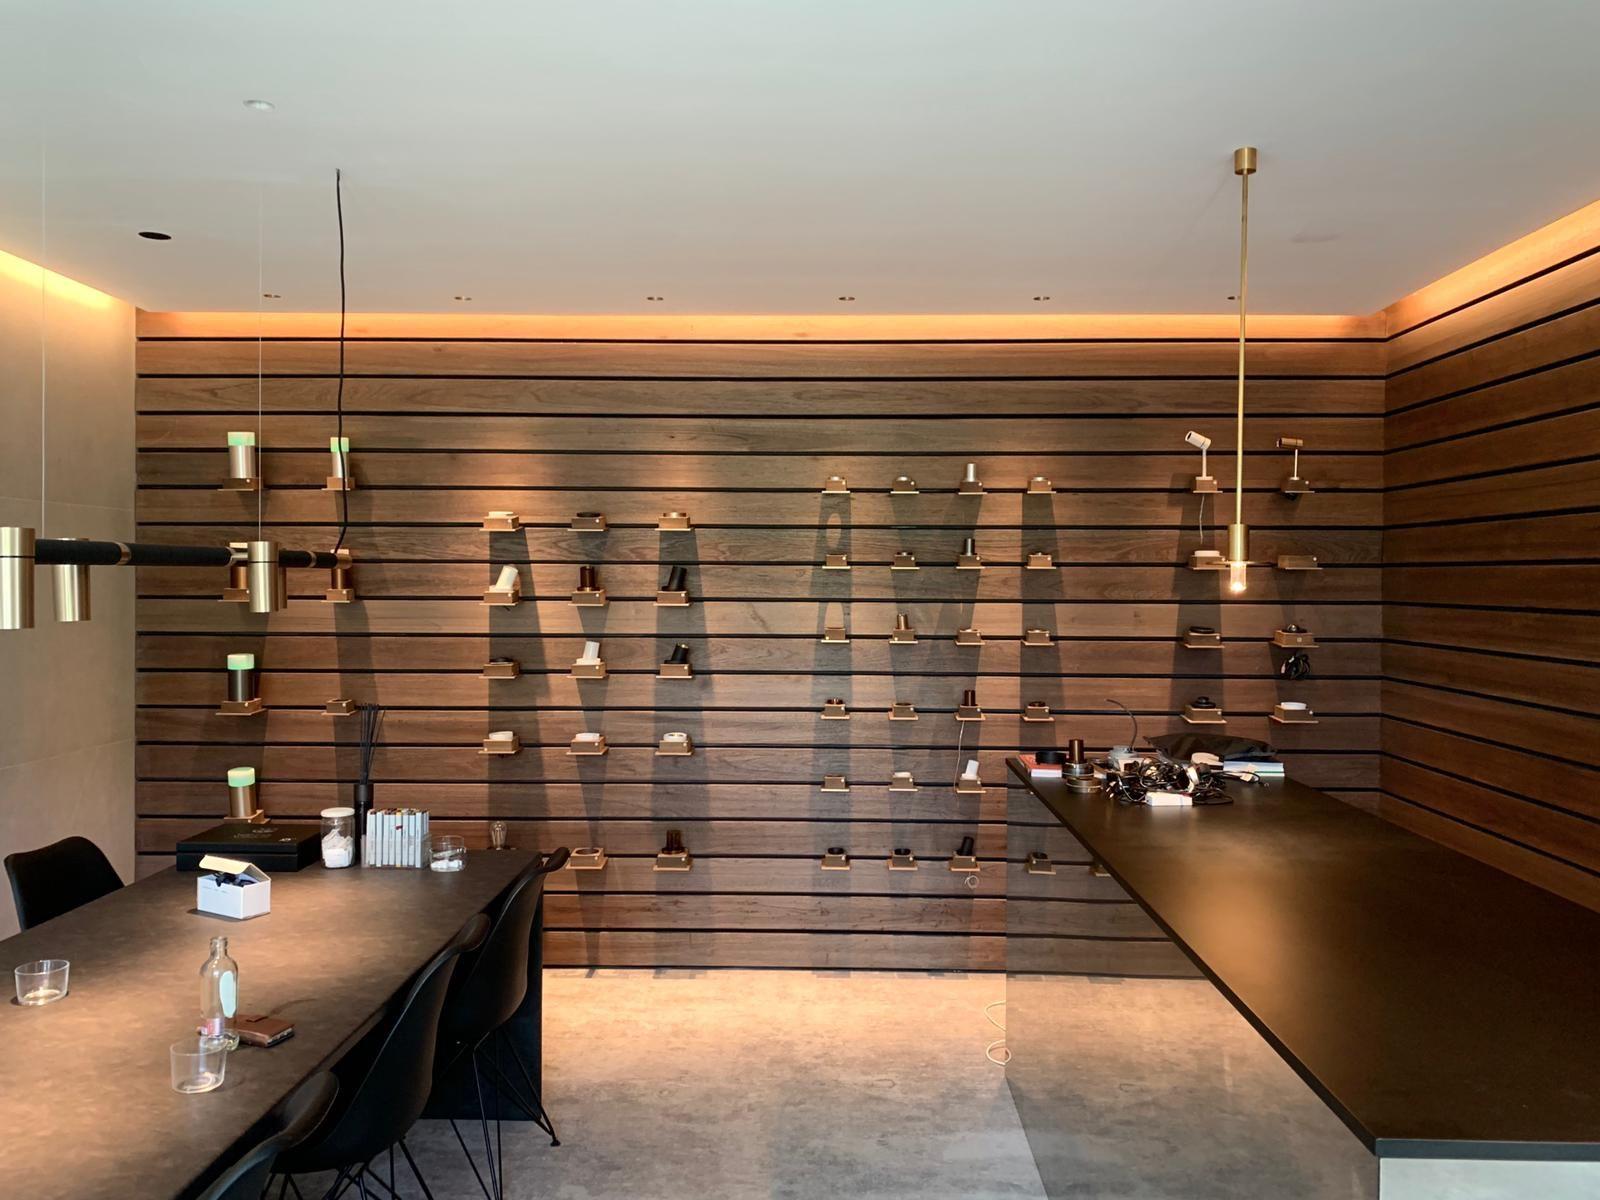 #Lichtmeesters #onea #lightingdesign #showroom